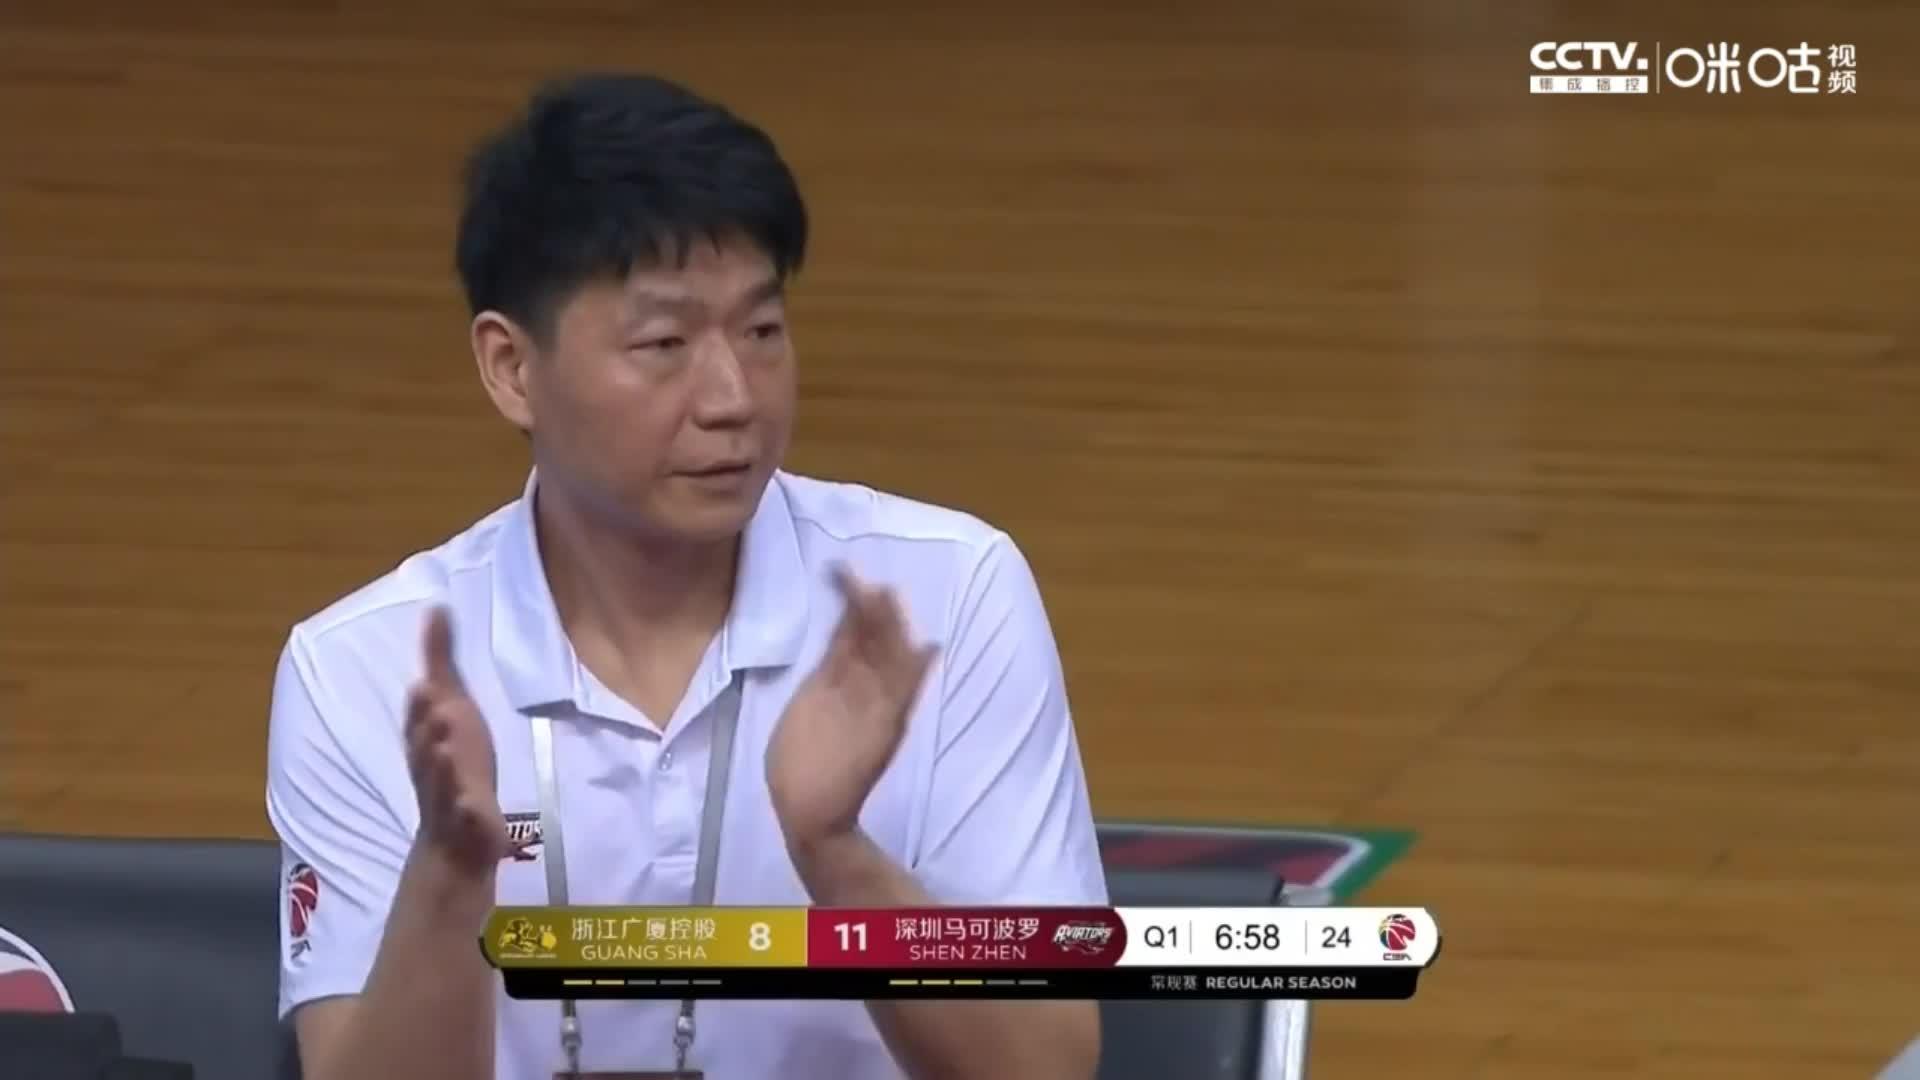 卢艺文27+10 杨林祎20分 胡金秋24+14 深圳战胜广厦结束三连败